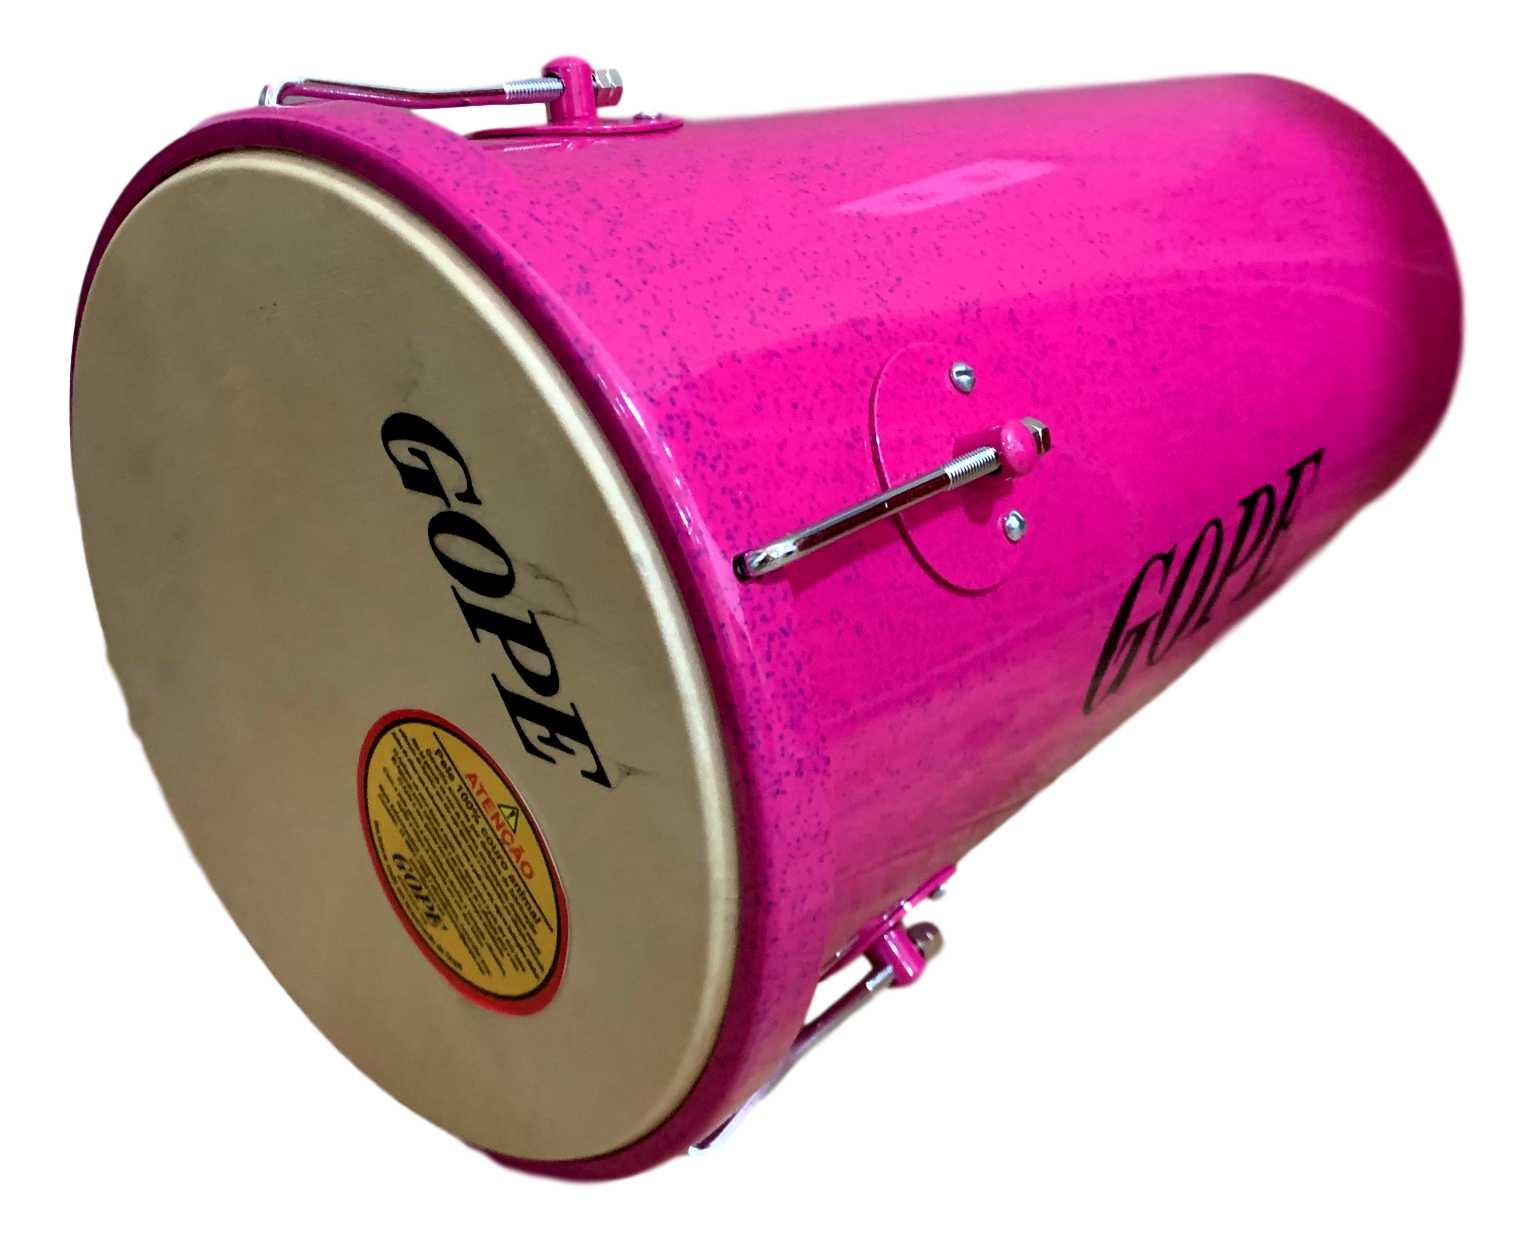 Rebolo Gope Conico 10 pol 45 cm Rosa